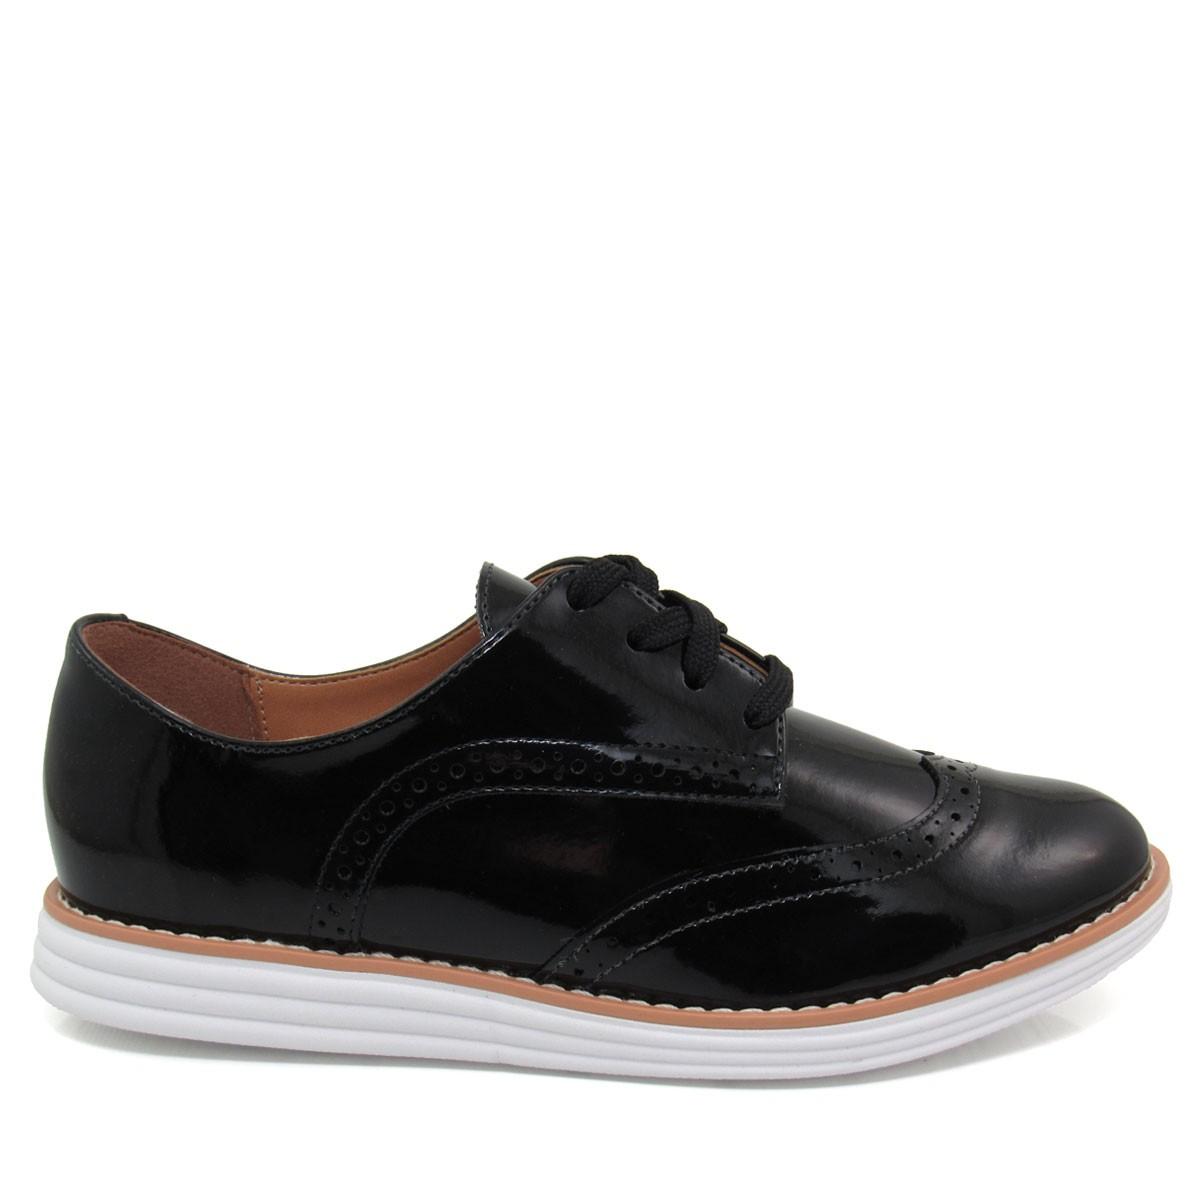 49da3eef54 Sapato Feminino Oxford Vizzano 1231101 Coleção 2018